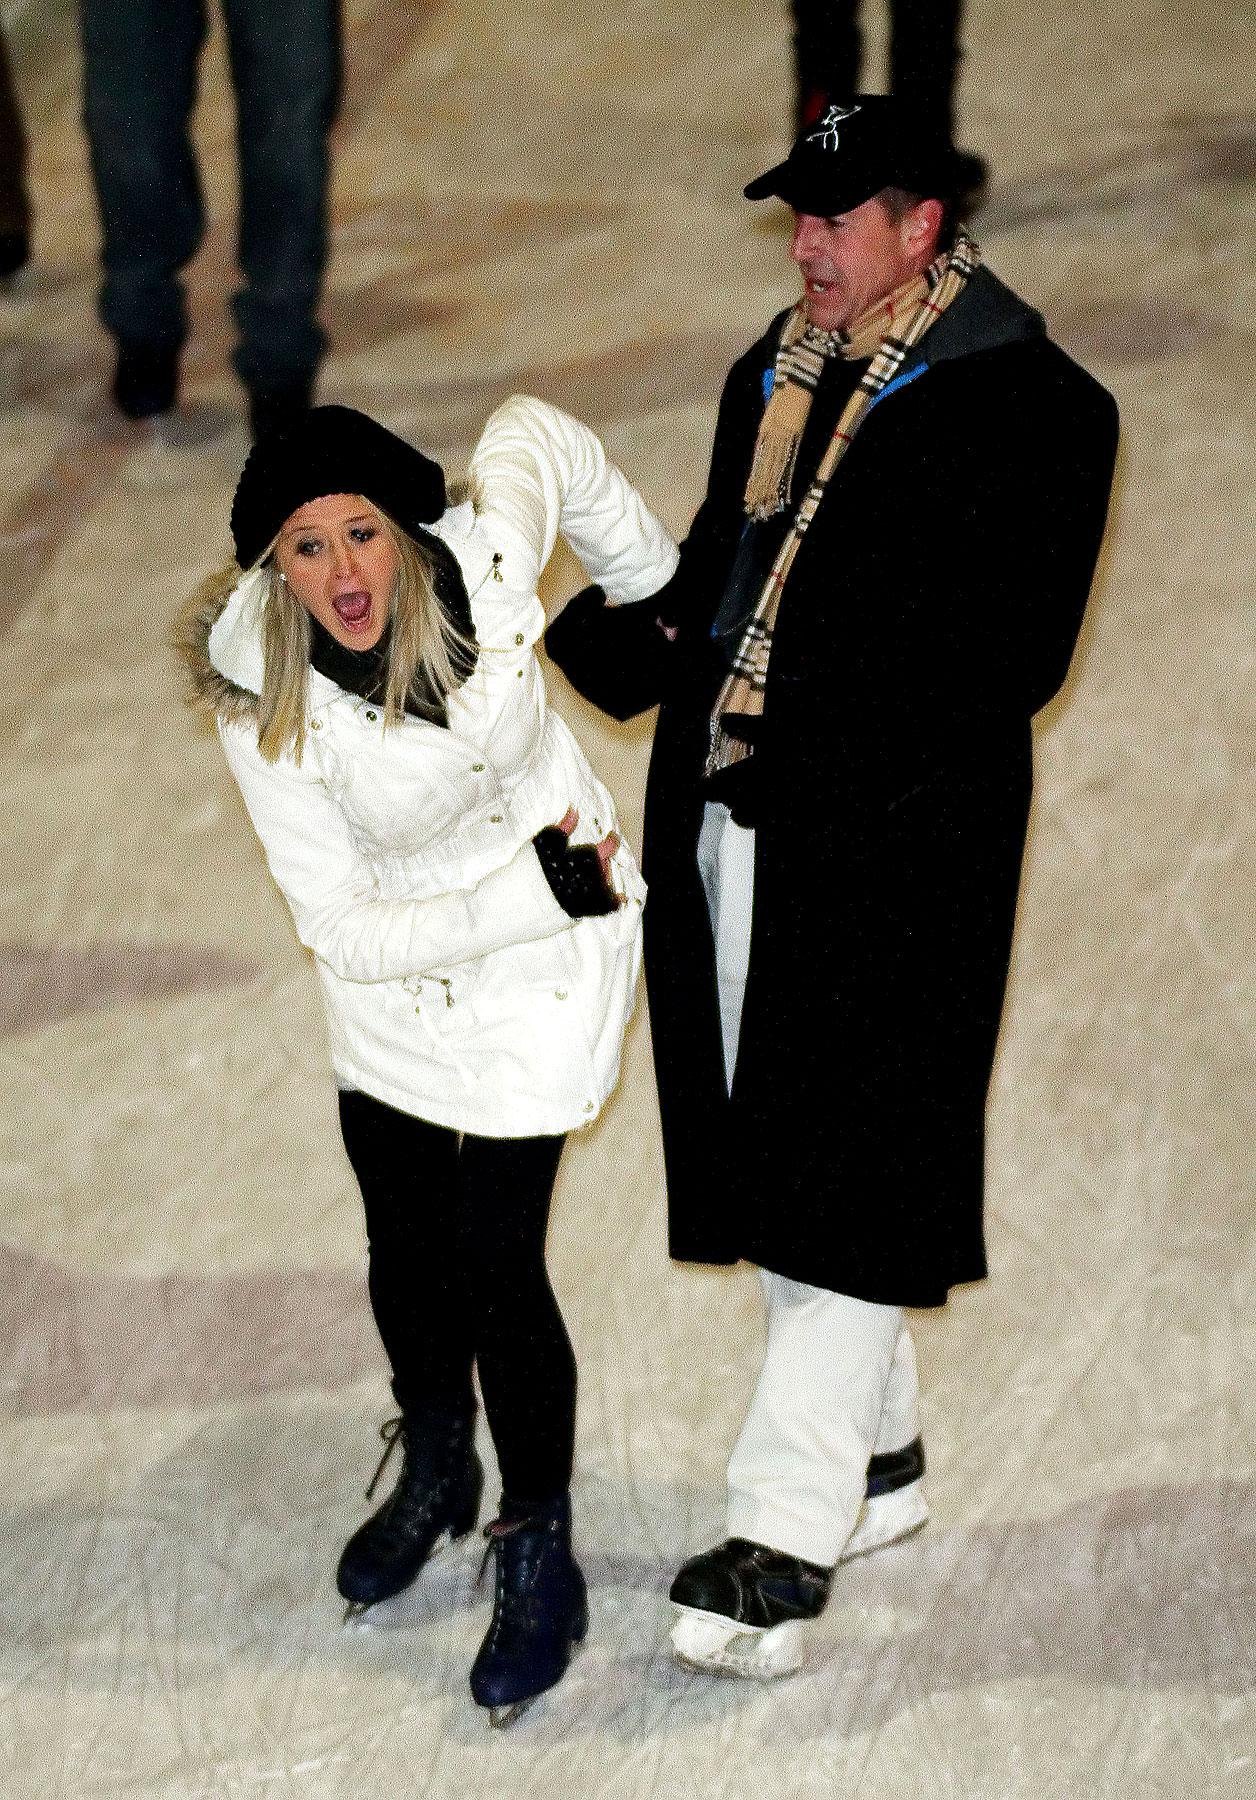 Michael Lohan & Kate Major's Awfulness, On Ice! (PHOTOS)